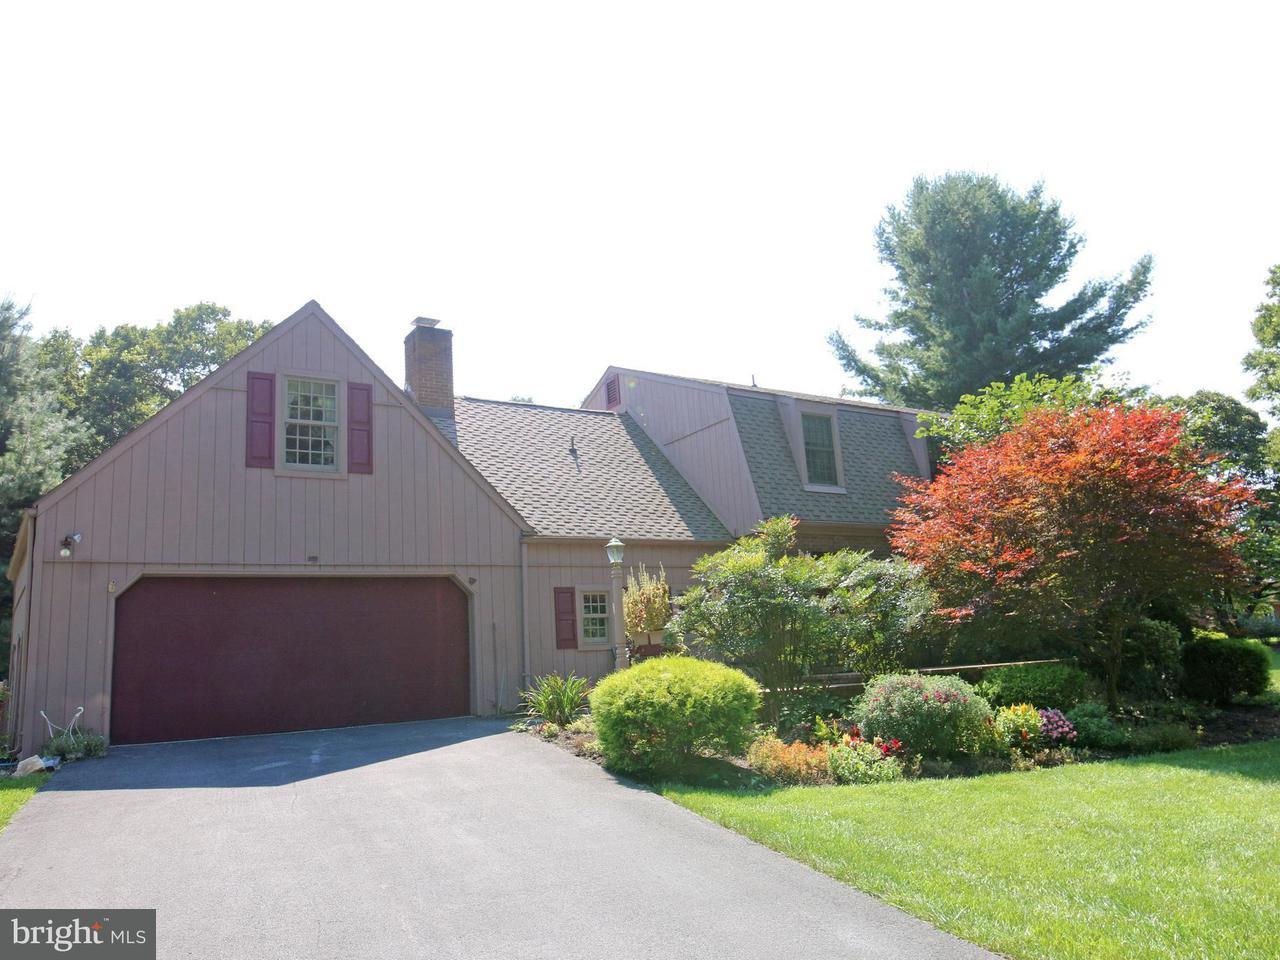 Частный односемейный дом для того Продажа на 301 Trammel Lane 301 Trammel Lane Falling Waters, Западная Виргиния 25419 Соединенные Штаты